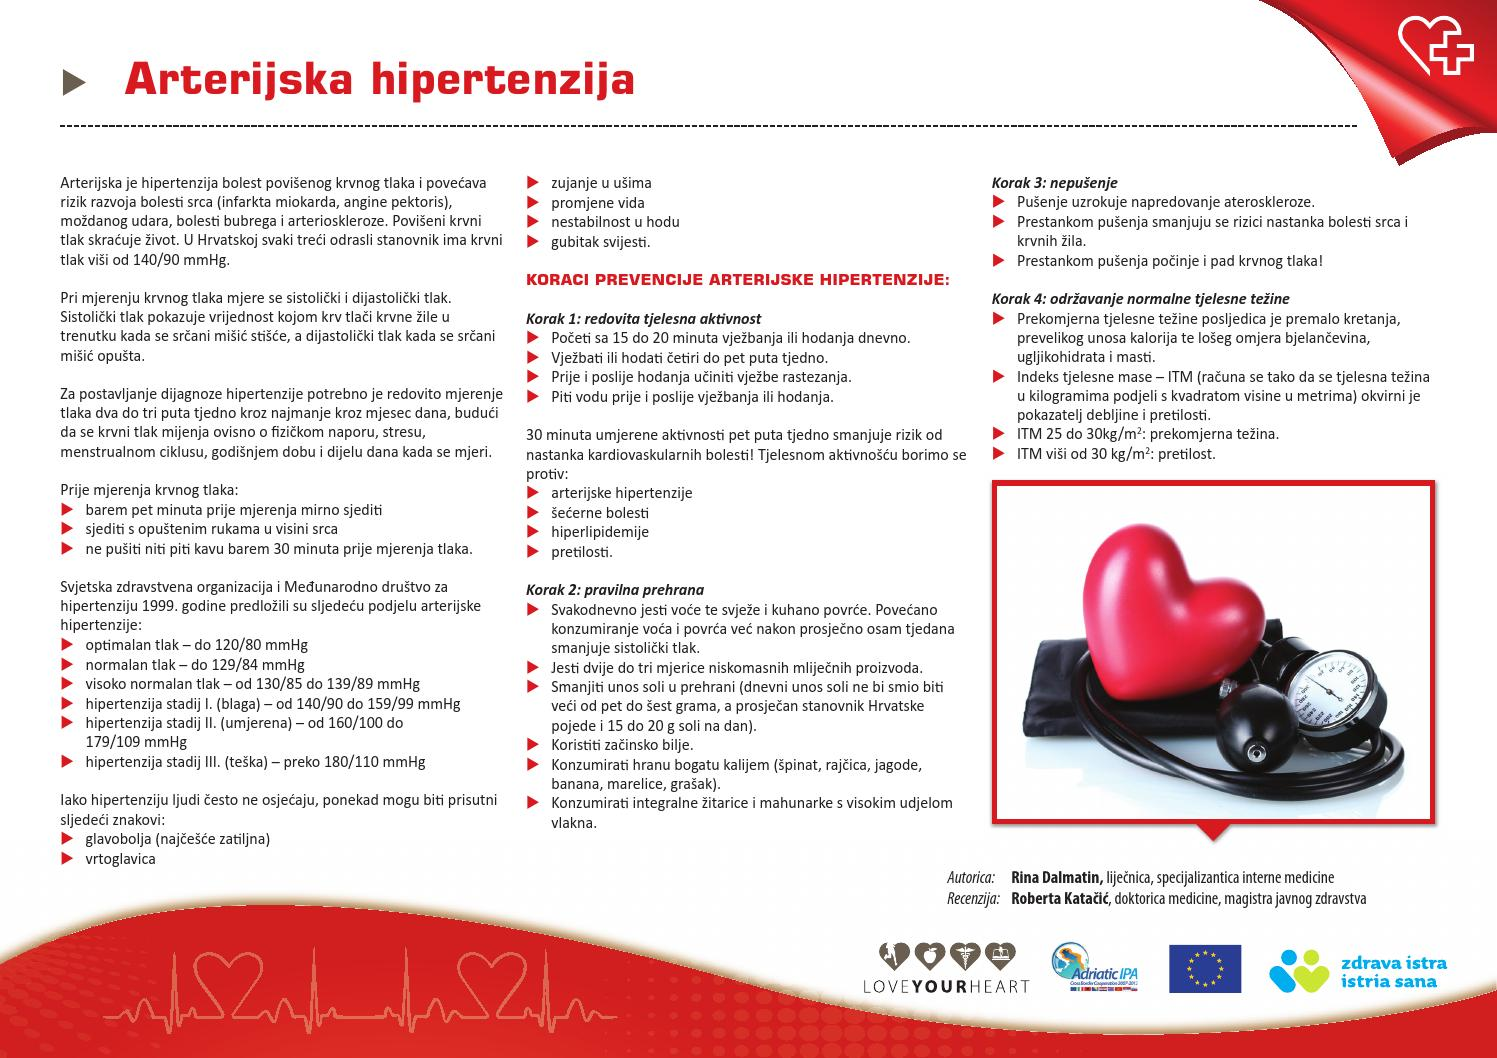 glazba iz hipertenzije zdravlje tjelesna temperatura hipertenzija